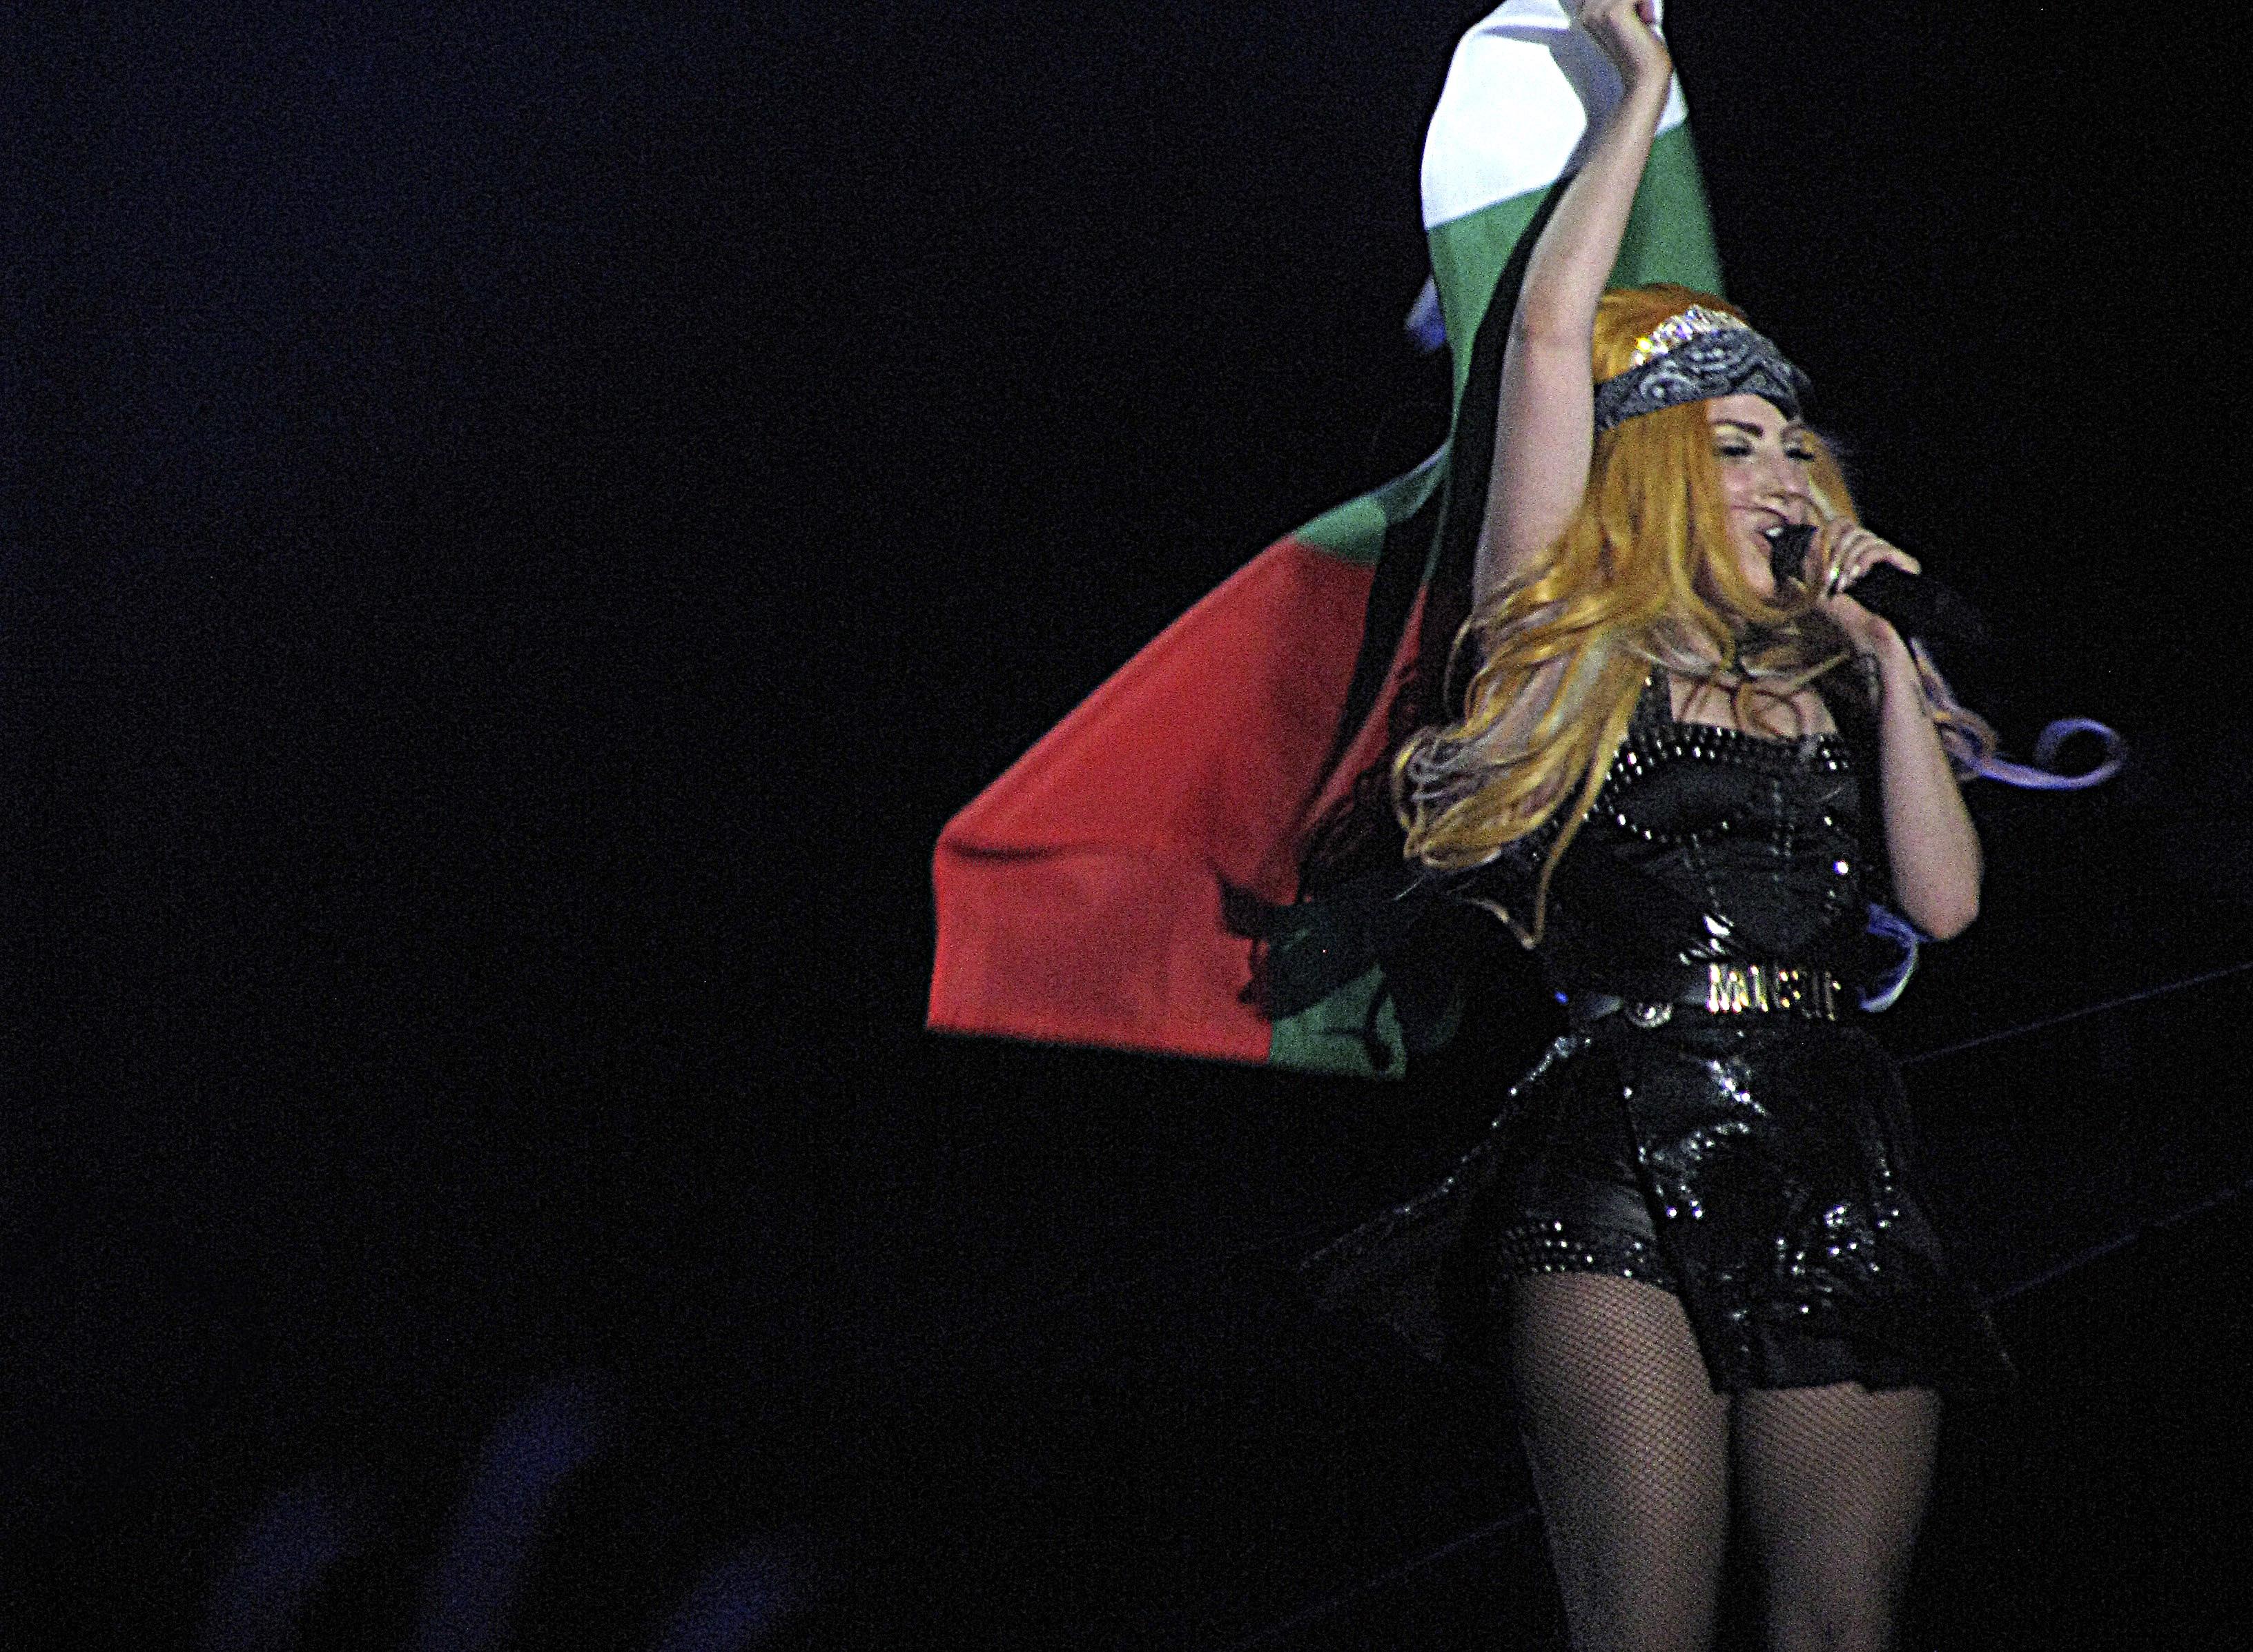 Лейди Гага развя българското знаме в брутално шоу - снимки